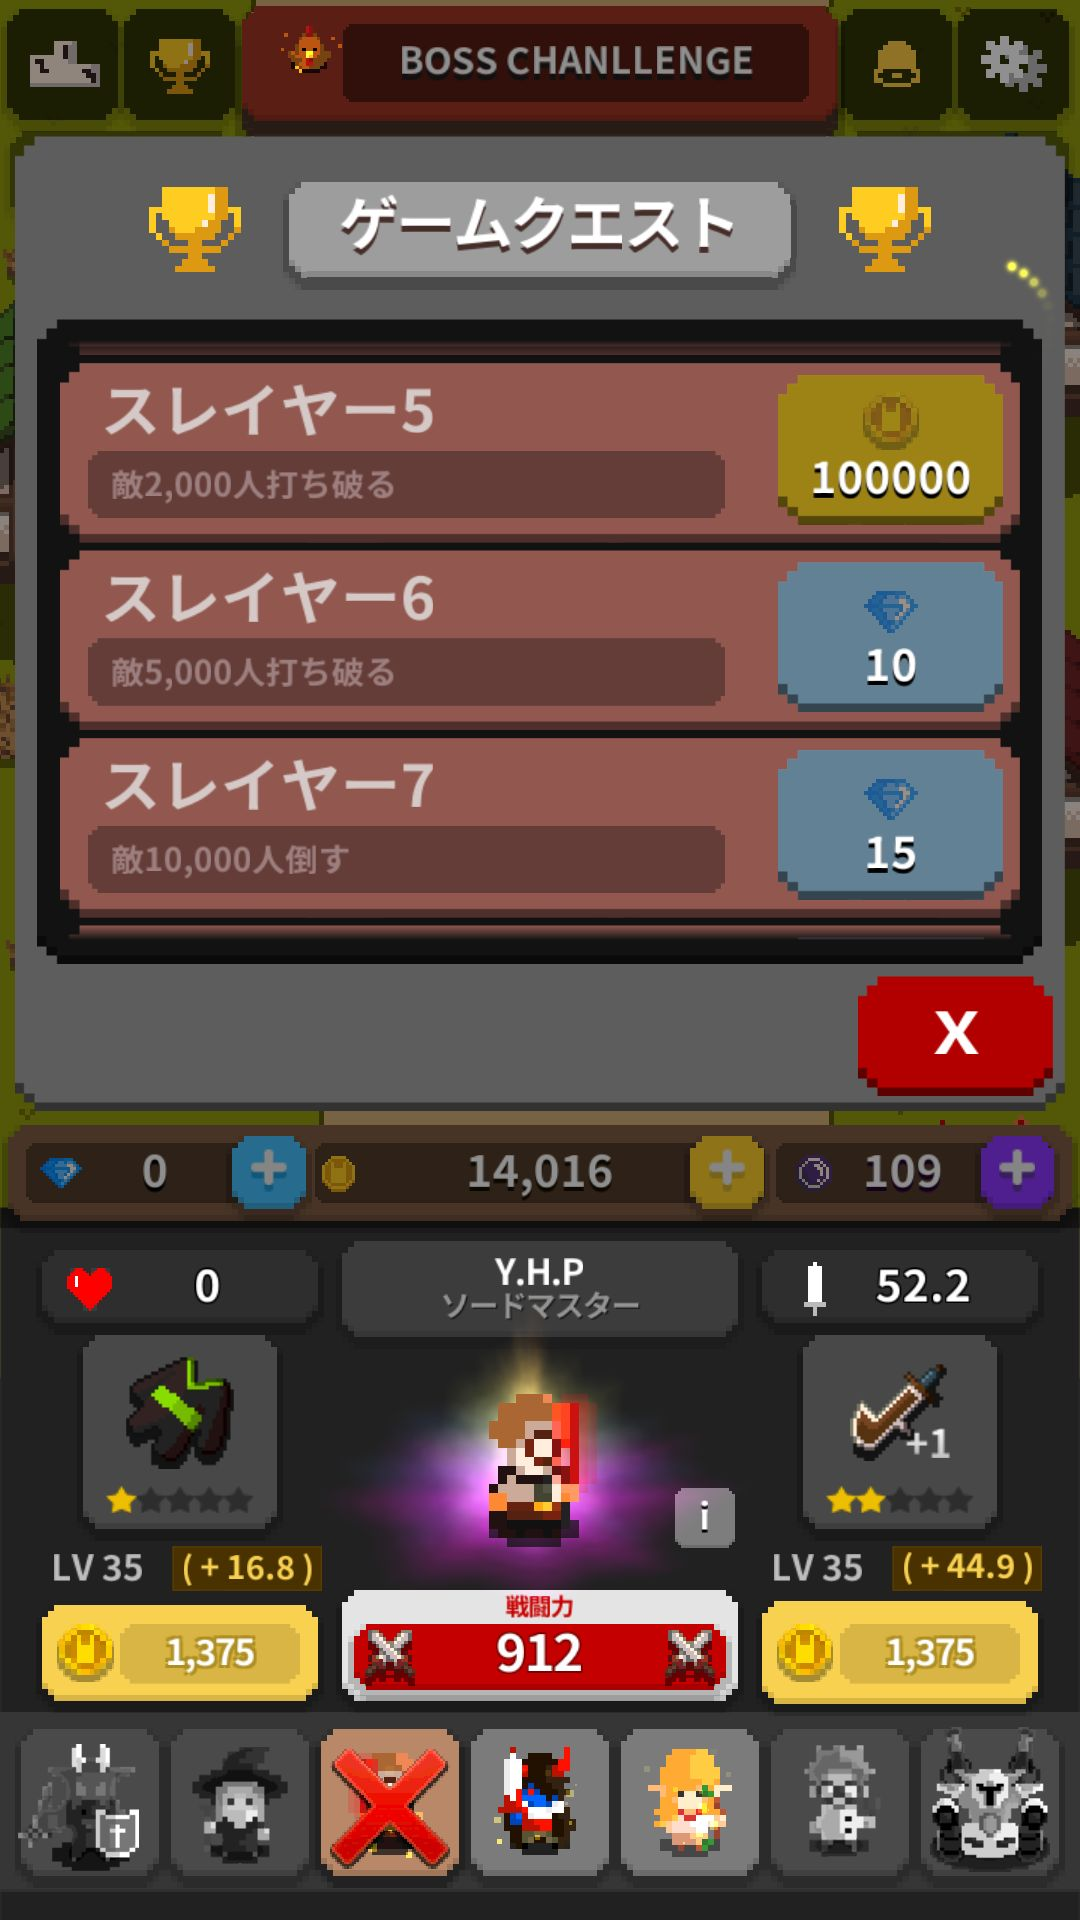 androidアプリ レトロ戦隊 ドットレンジャー攻略スクリーンショット5